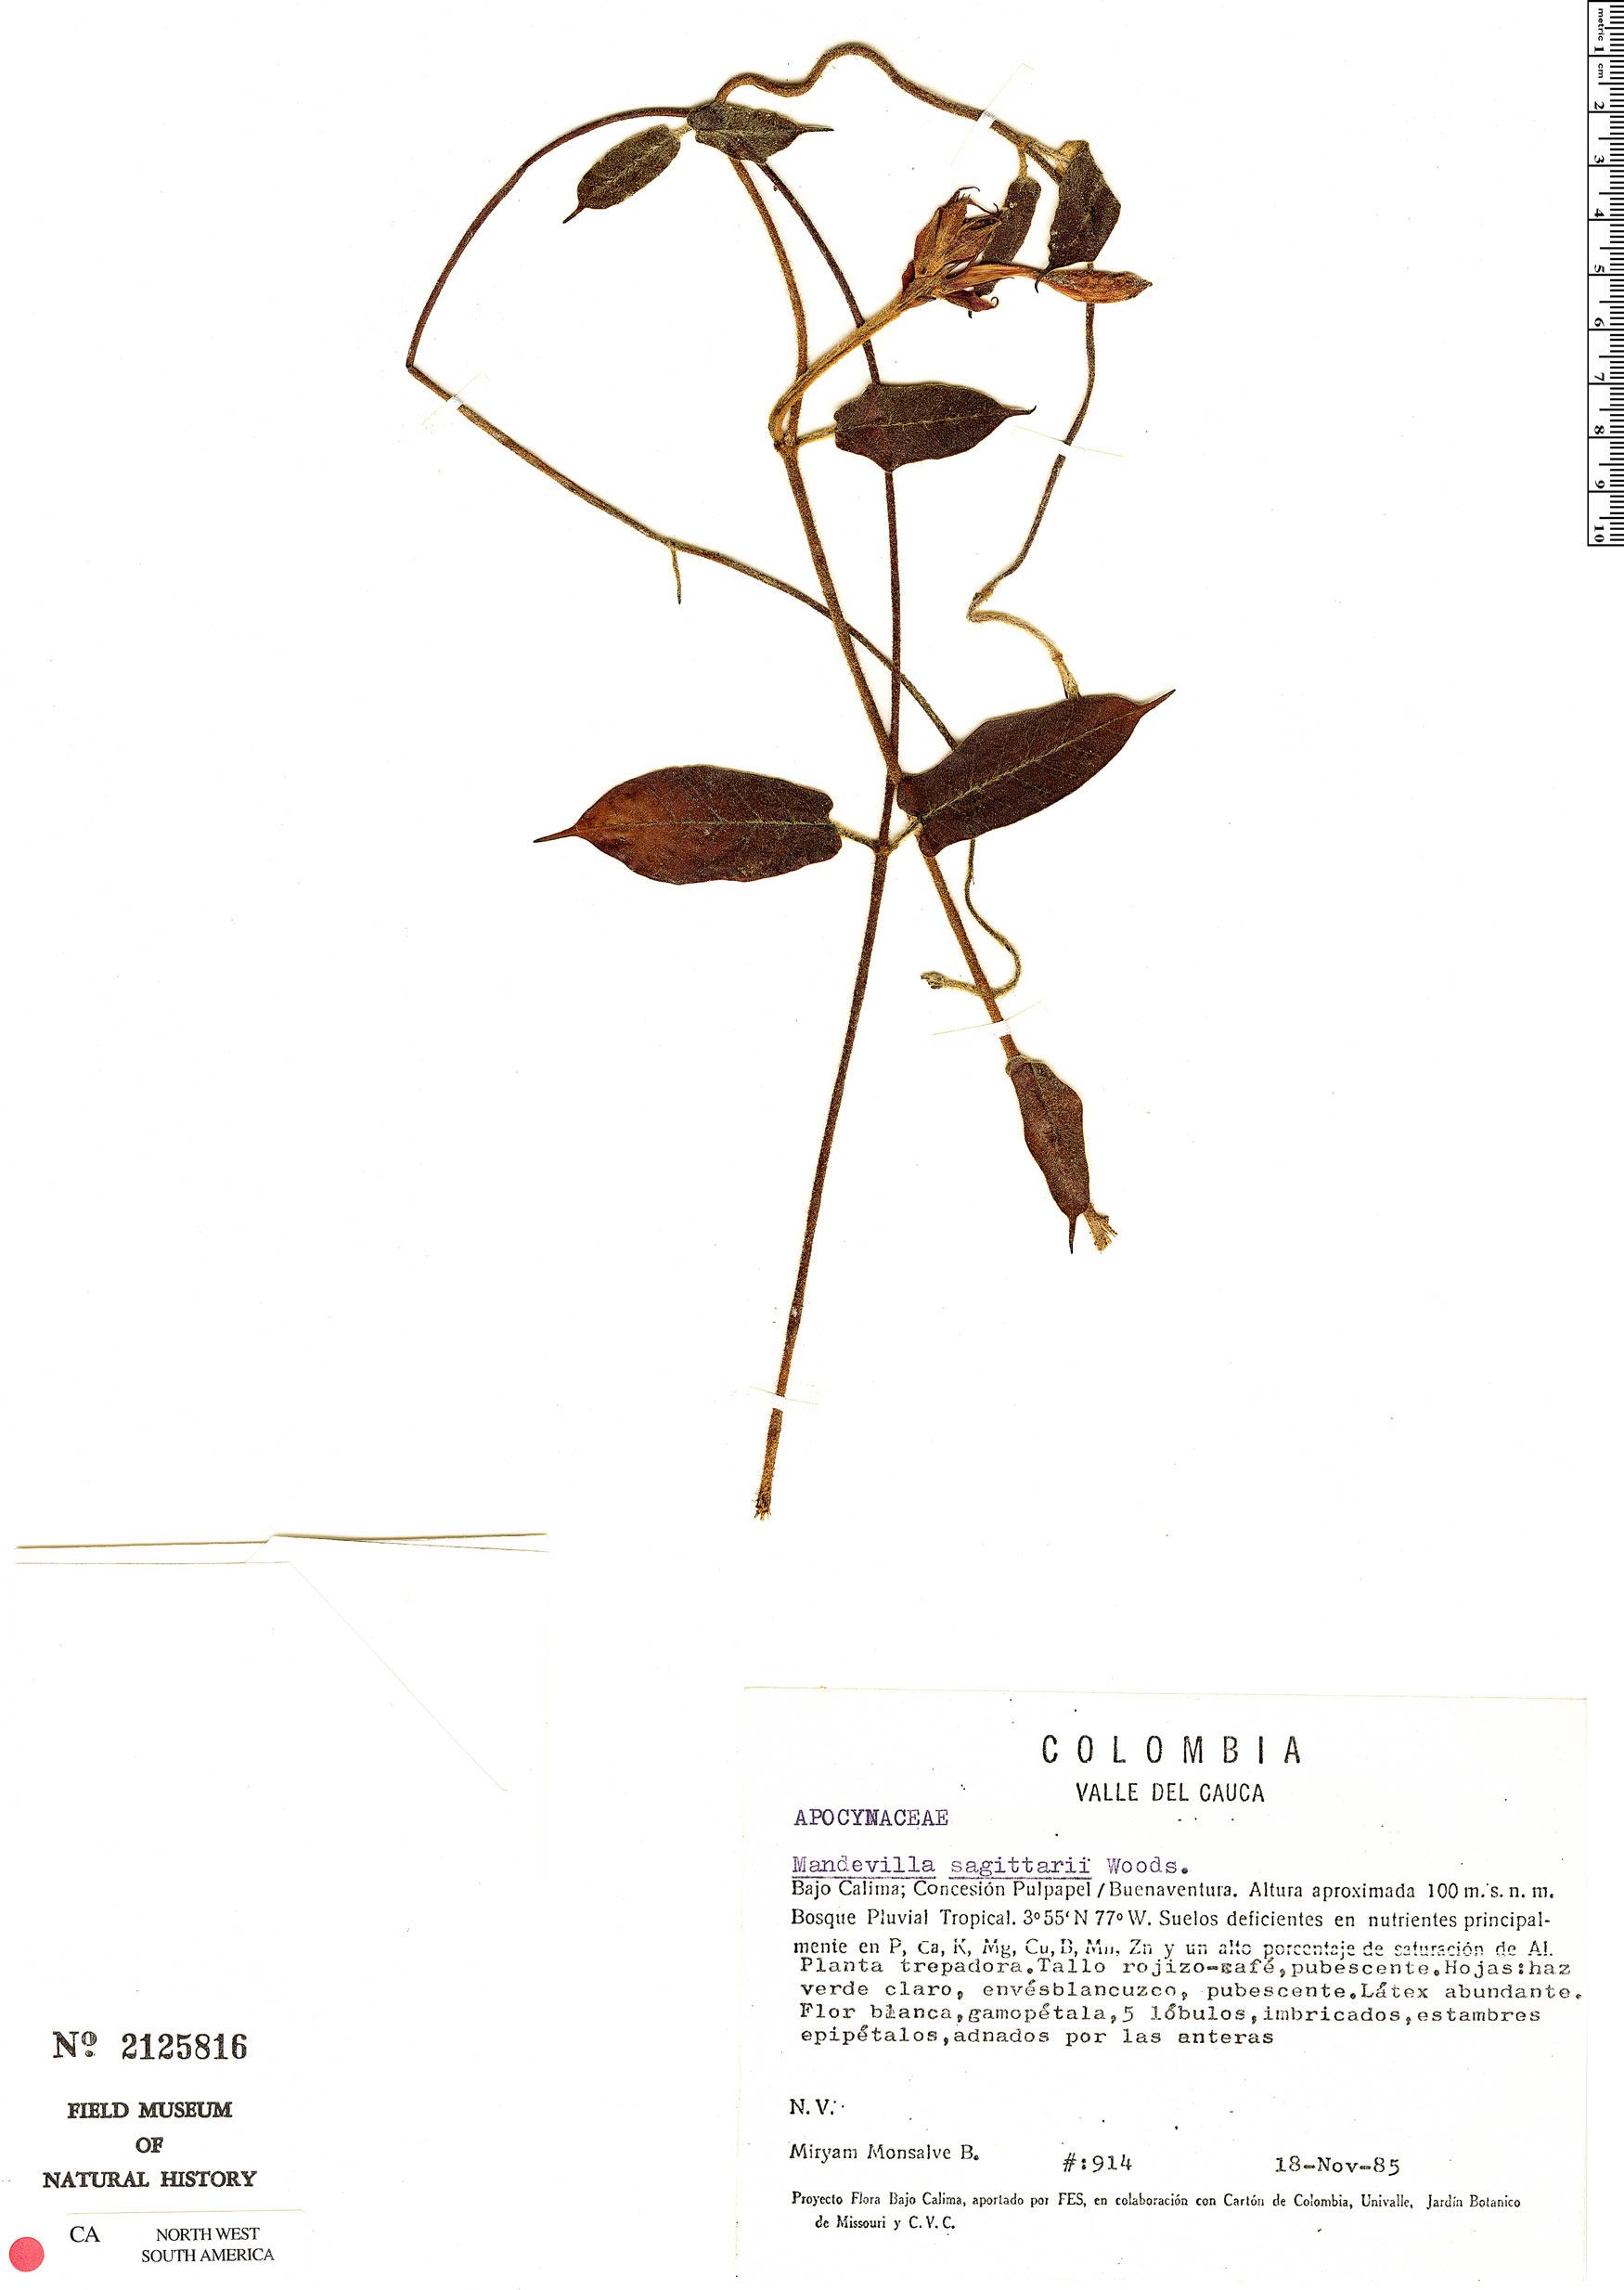 Specimen: Mandevilla sagittarii